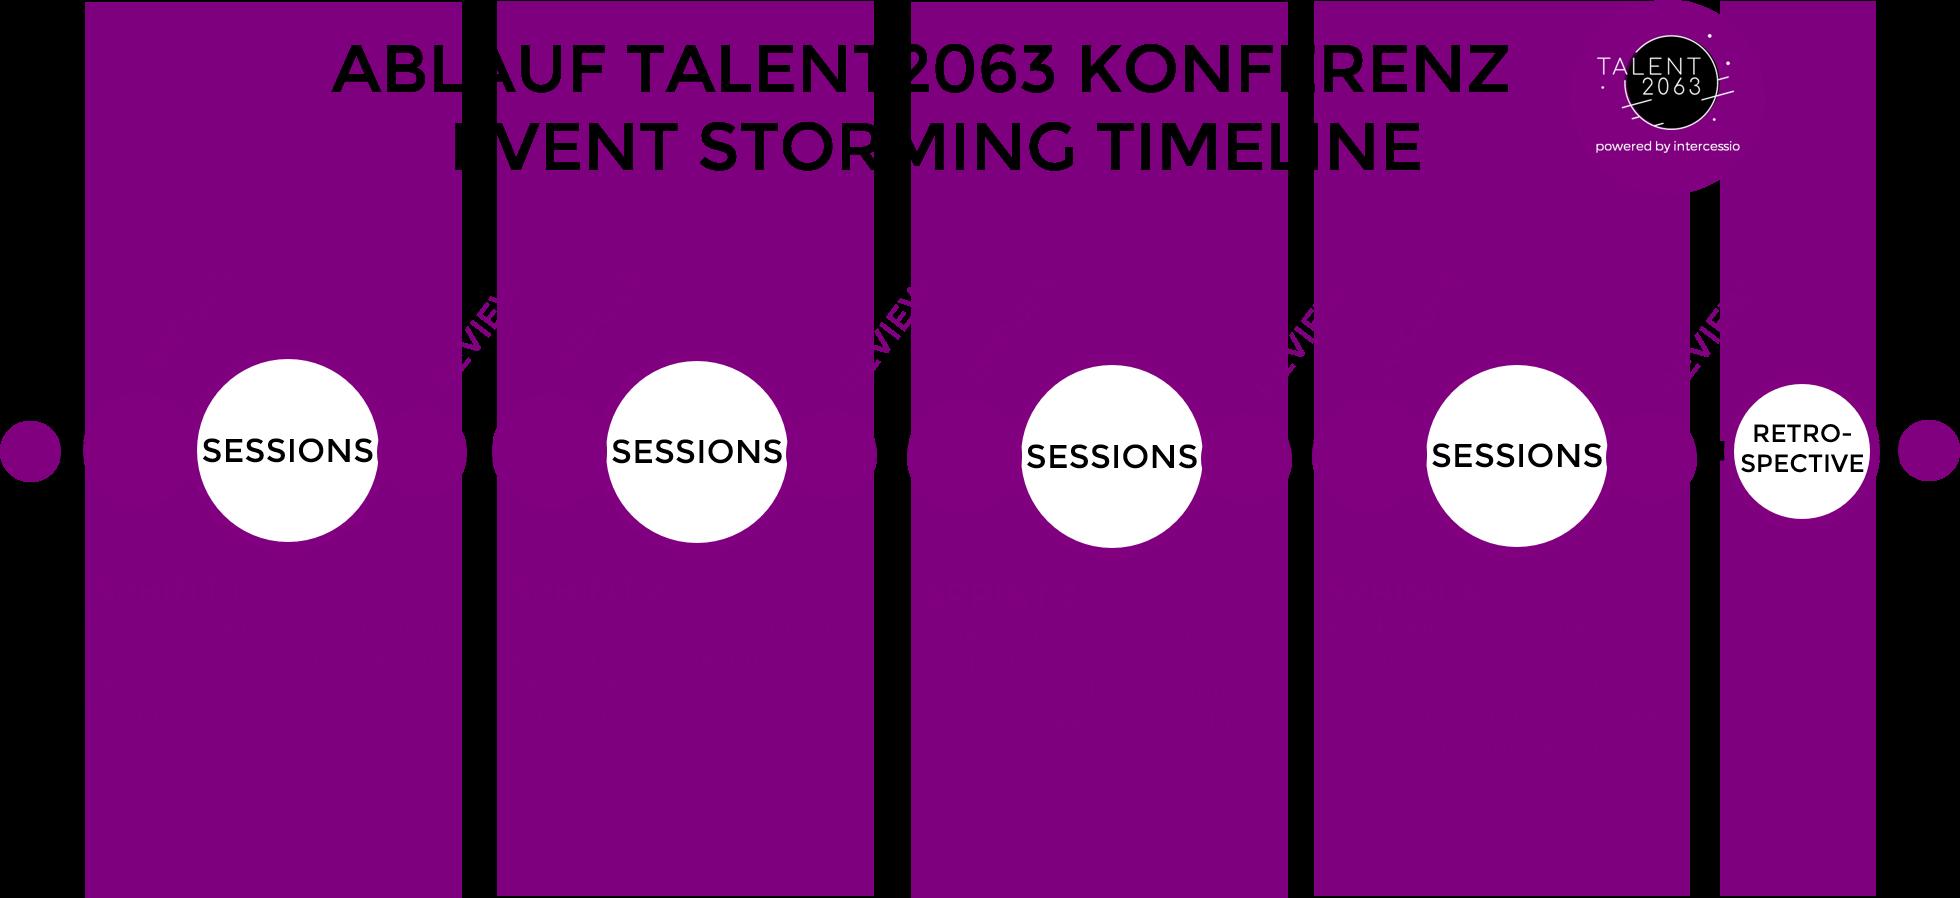 Talent2063 - Konferenz Timeline - Event Storming - 20200312